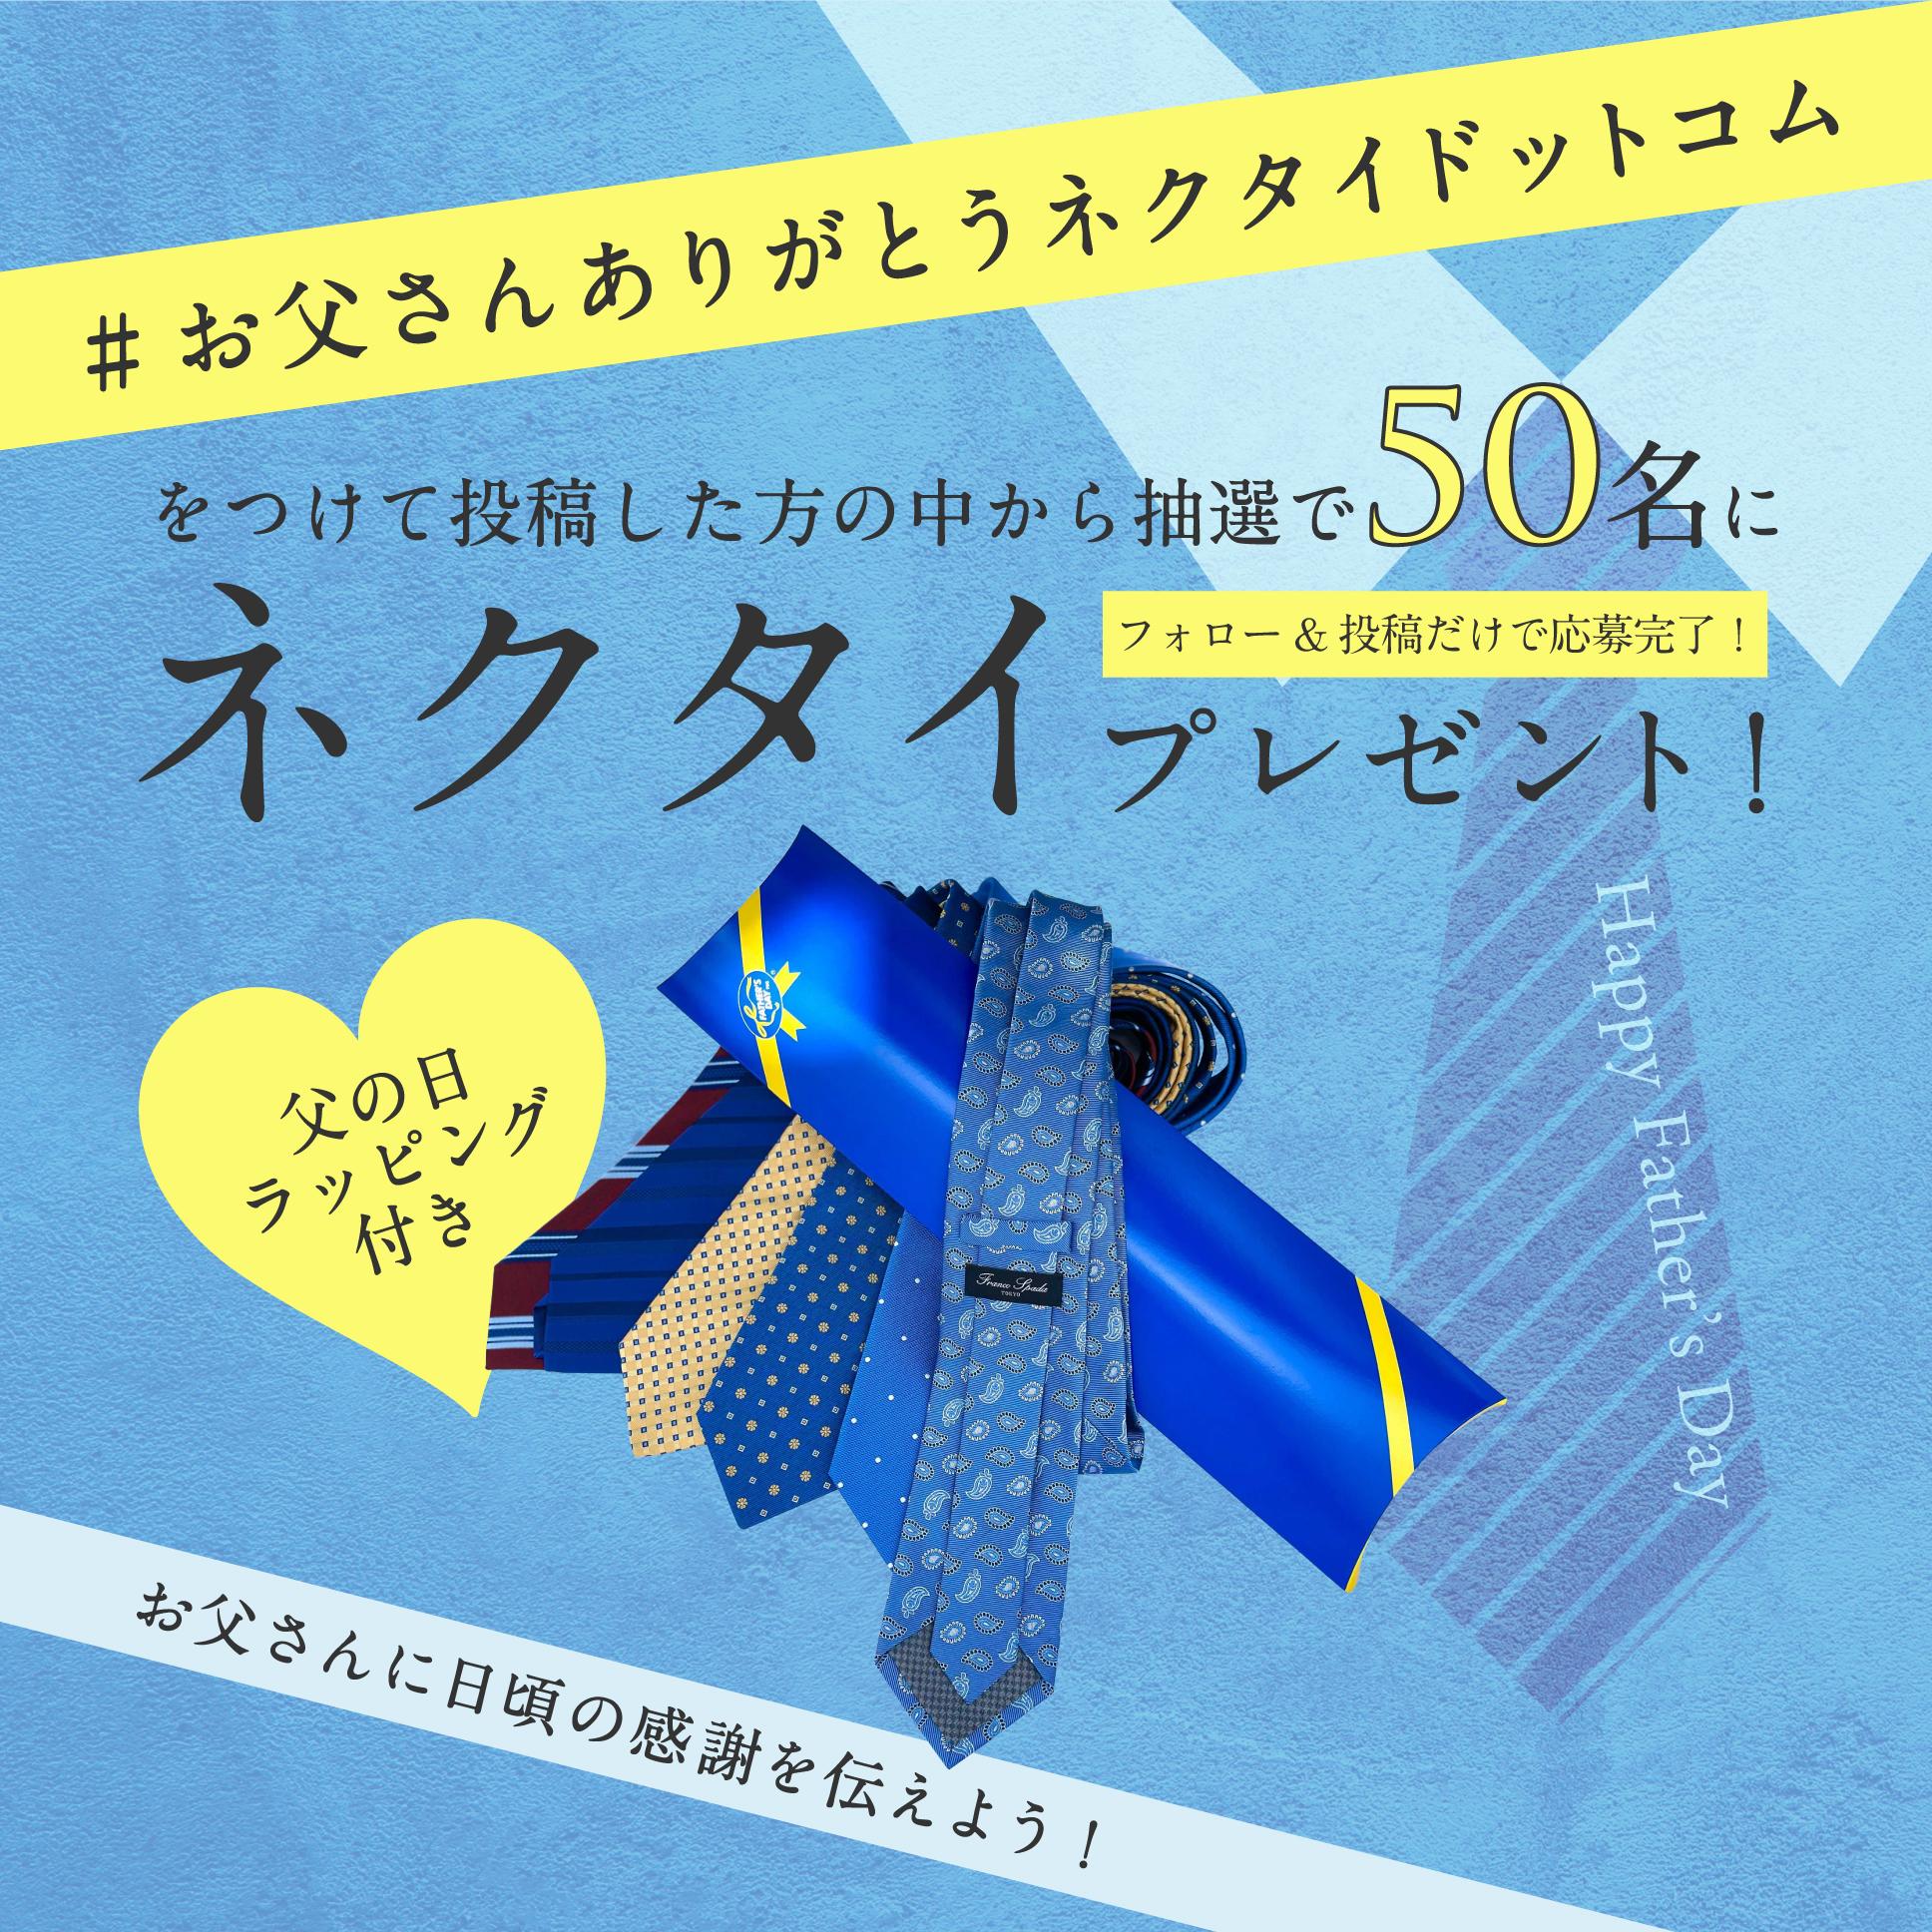 父の日プレゼントキャンペーン!「#お父さんありがとうネクタイドットコム」をつけてネクタイをゲット!